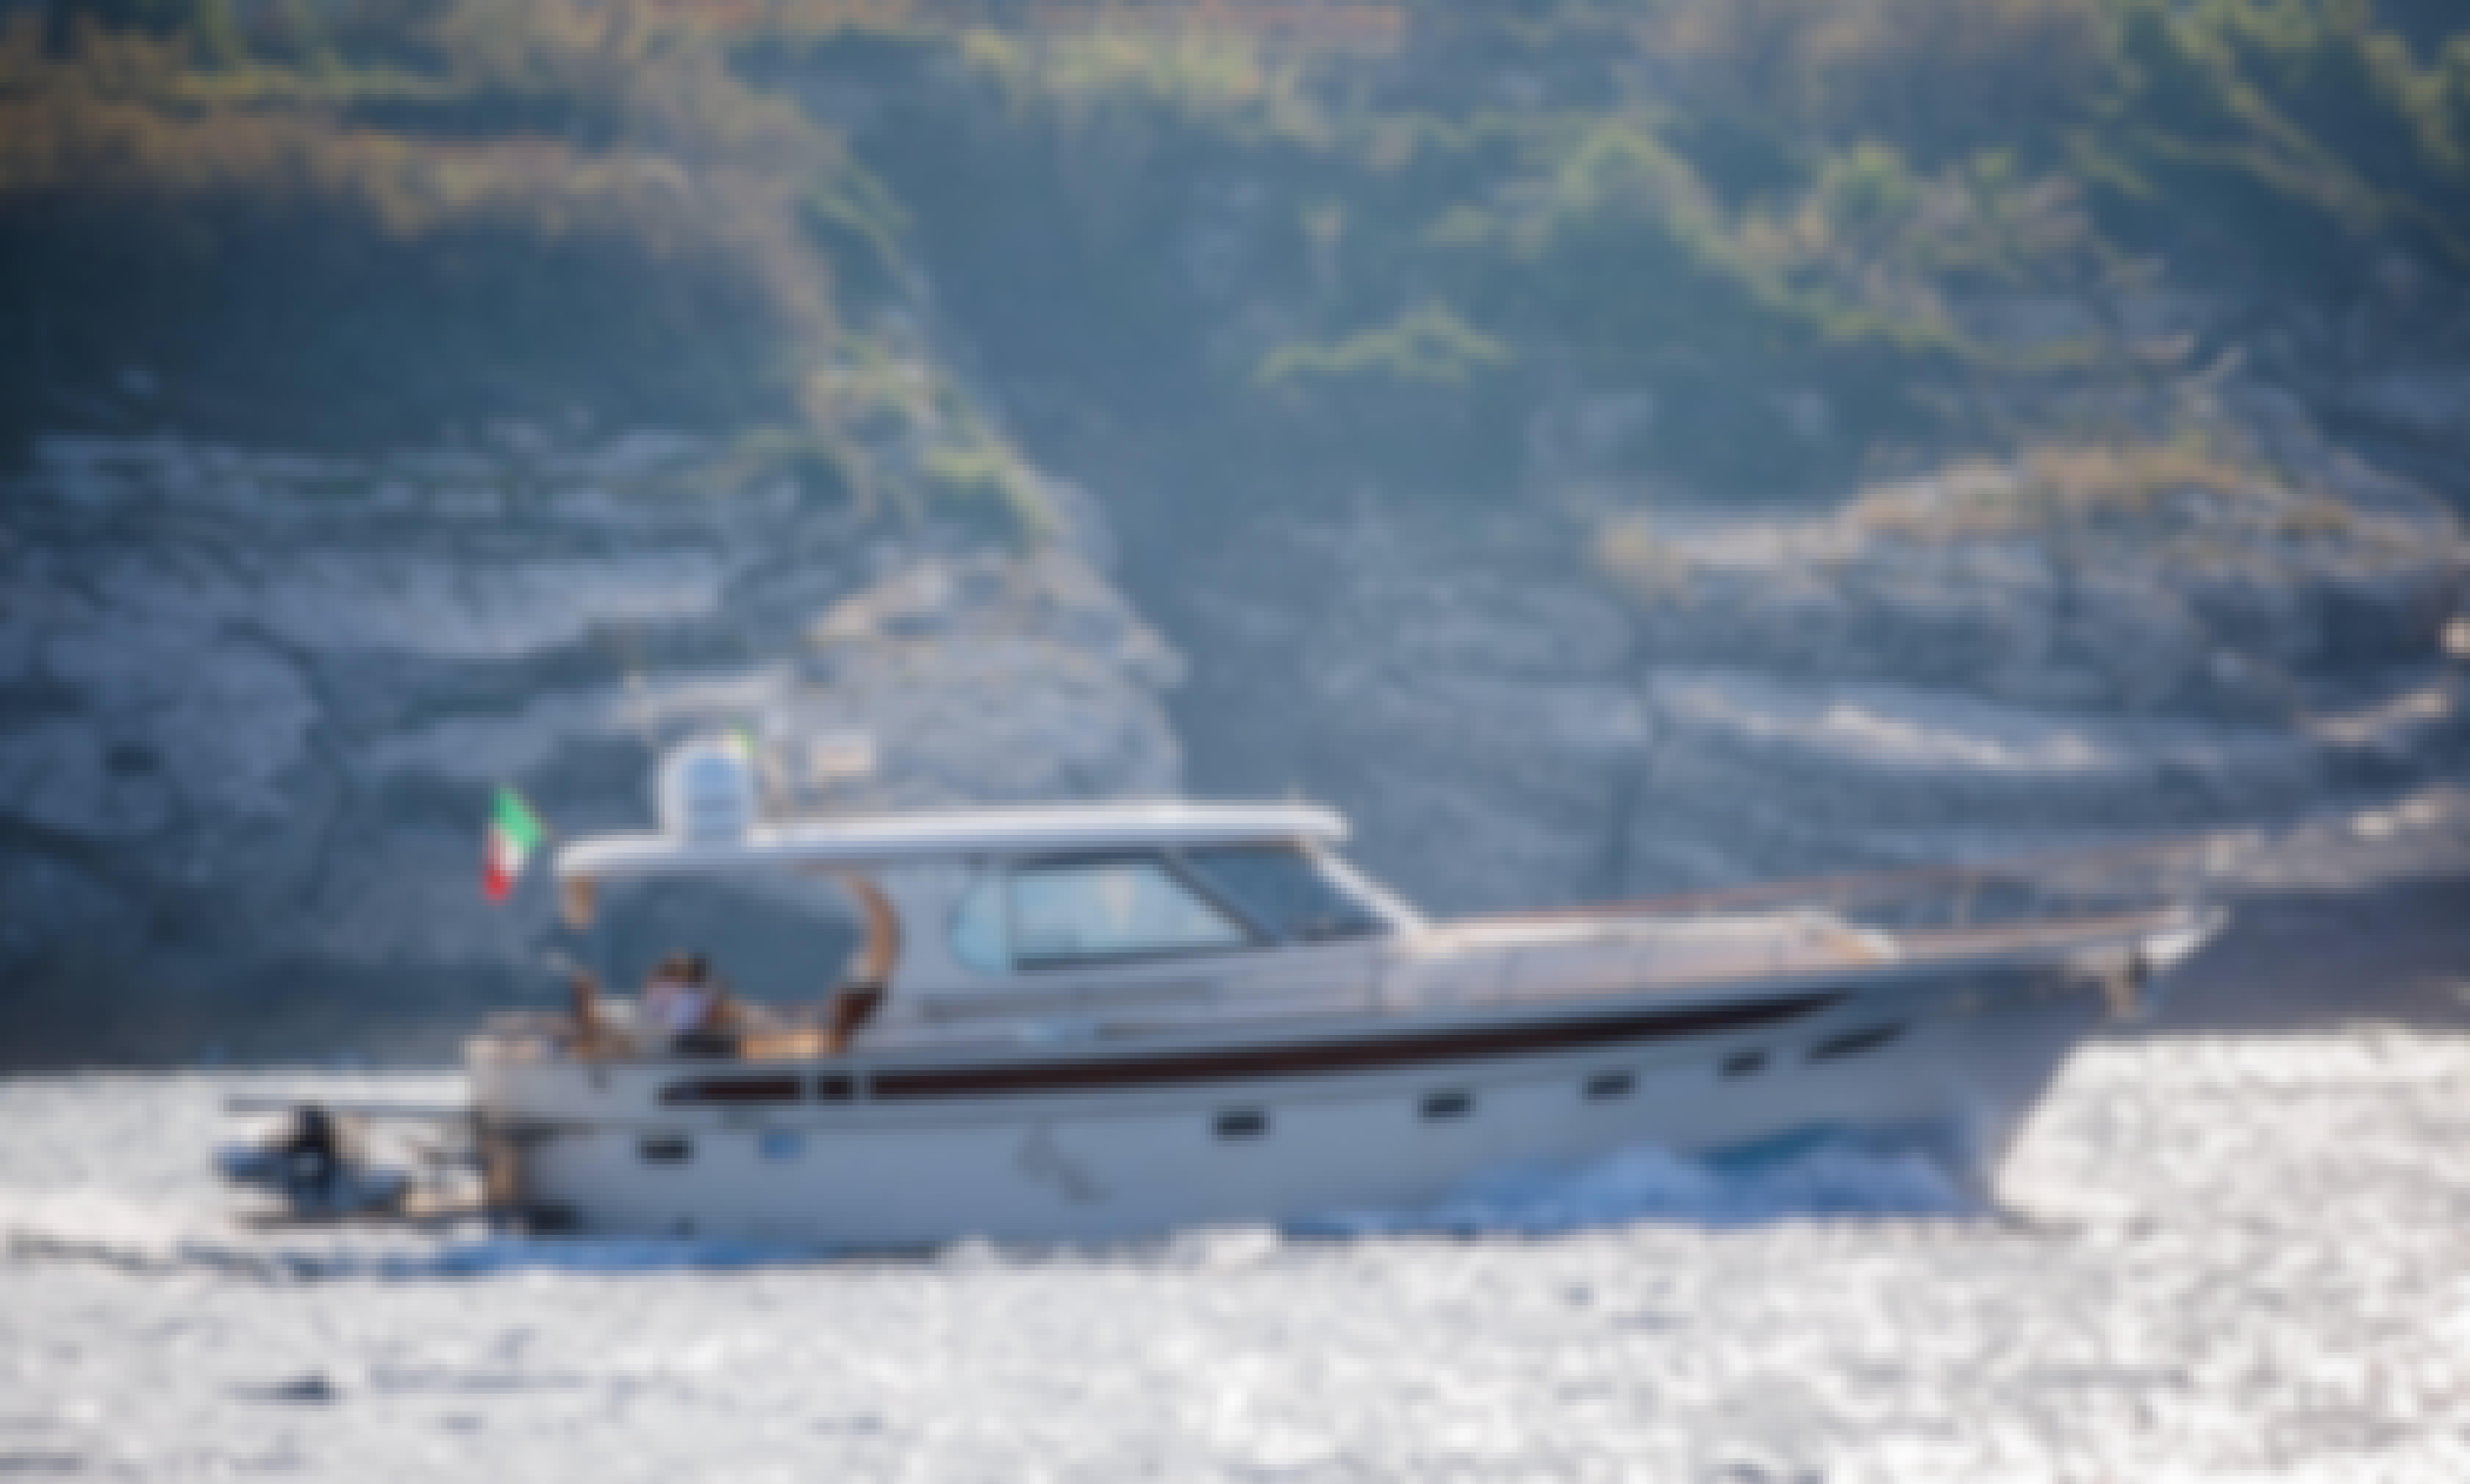 Fratelli Aprea Sorrento 56 Motor Yacht Rental in Sorrento, Campania